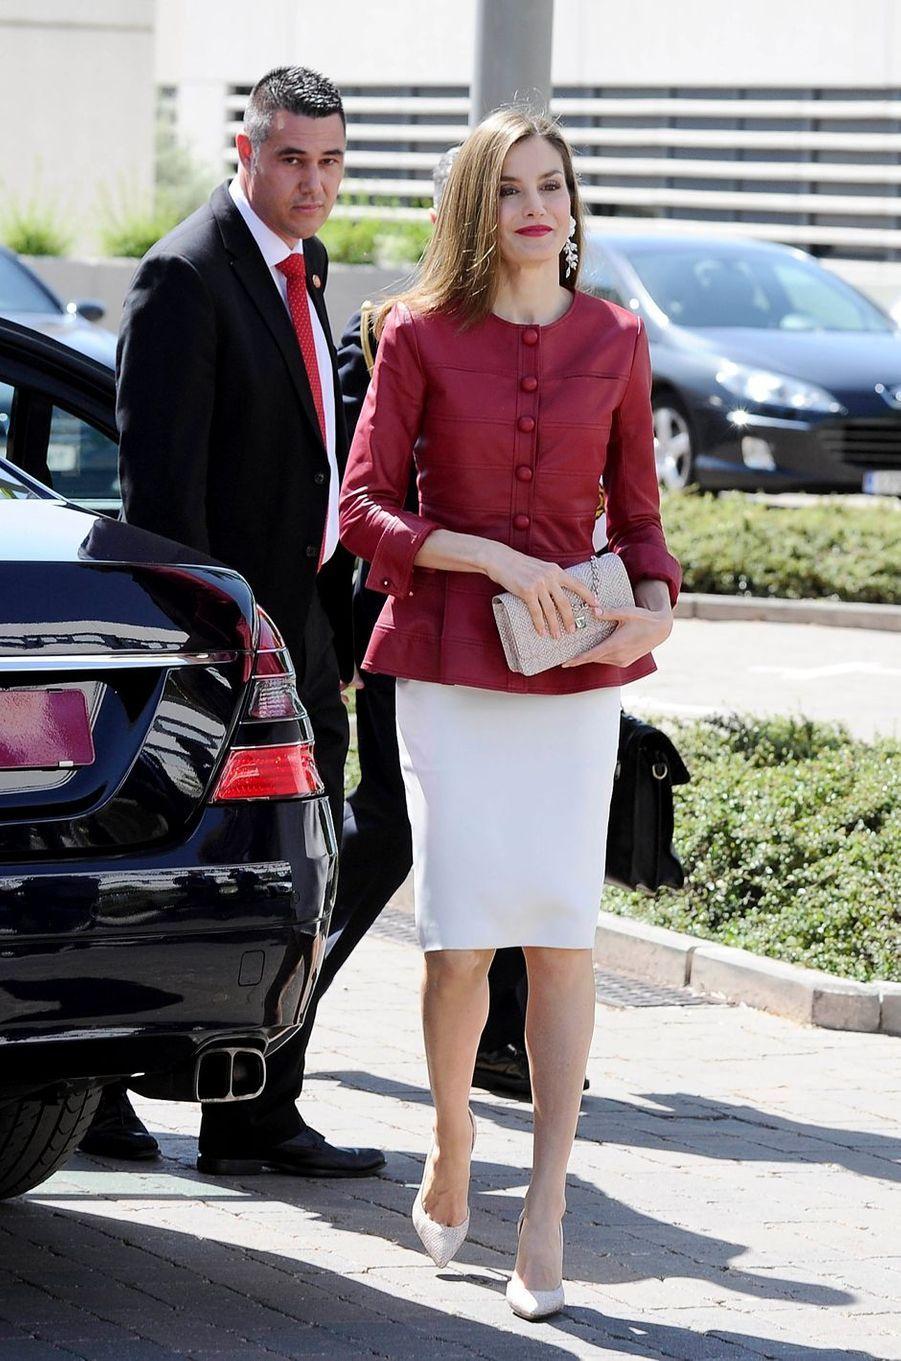 La reine Letizia d'Espagne à Madrid, le 22 mai 2017